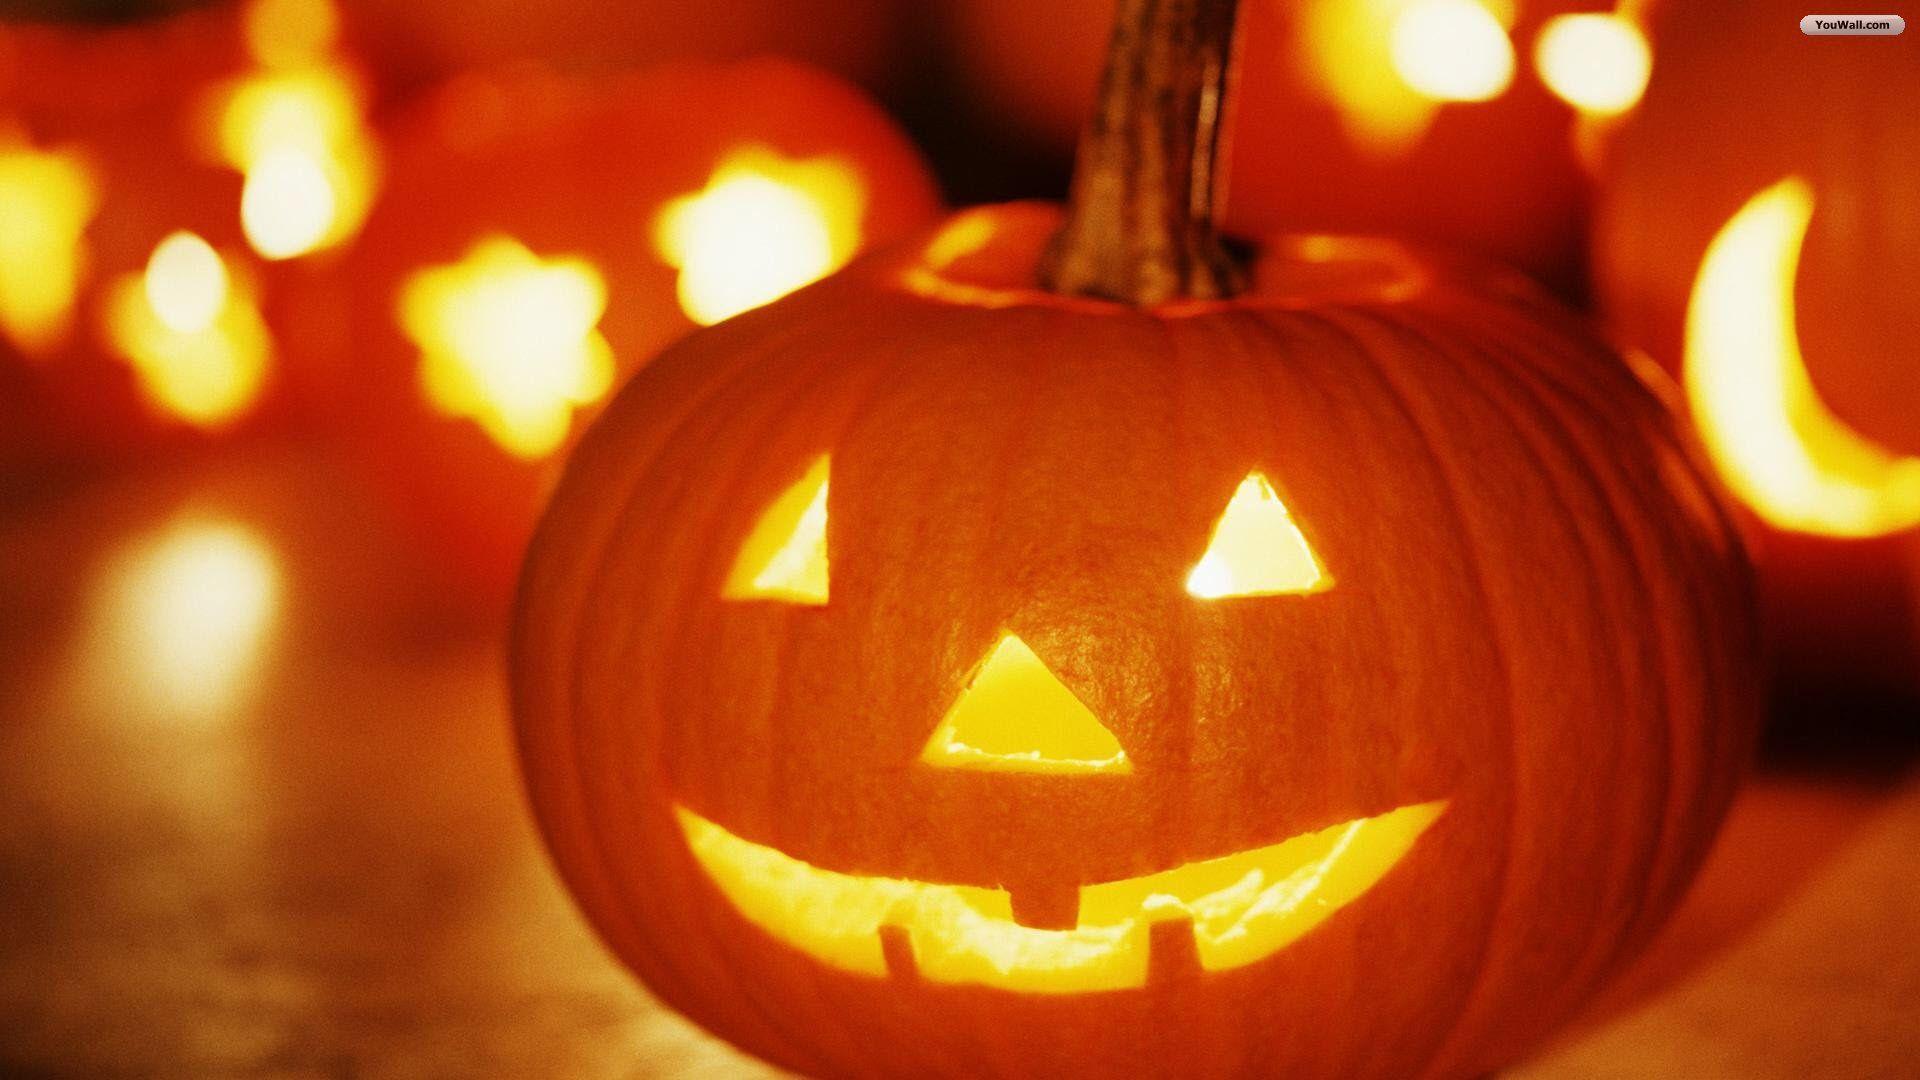 Halloween Pumpkin Wallpapers , HD Wallpapers Inn